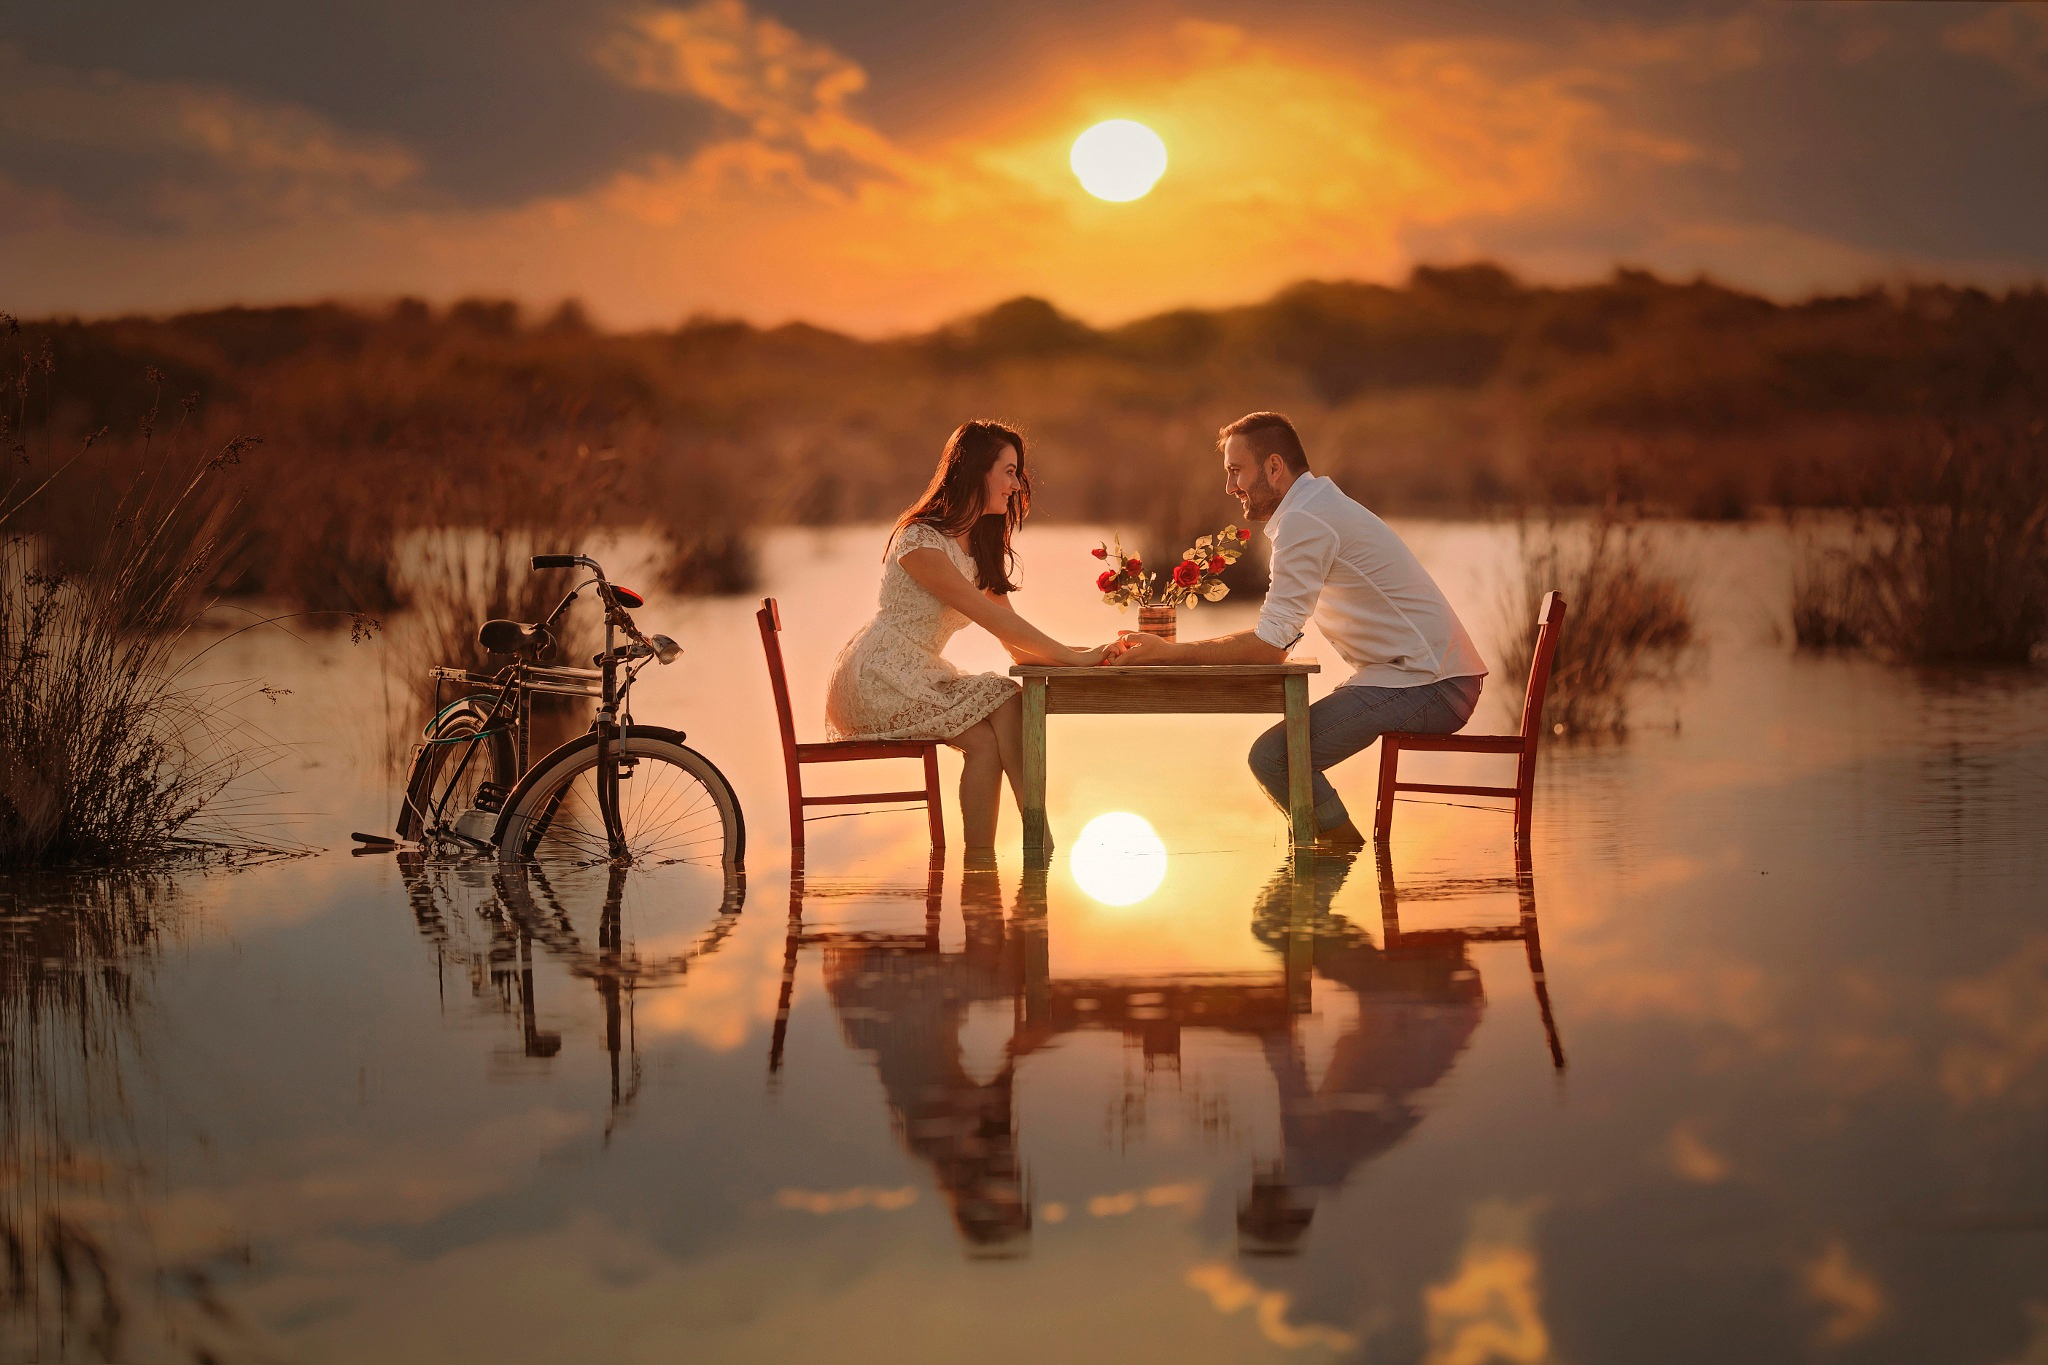 Очень красивые картинки для влюбленных